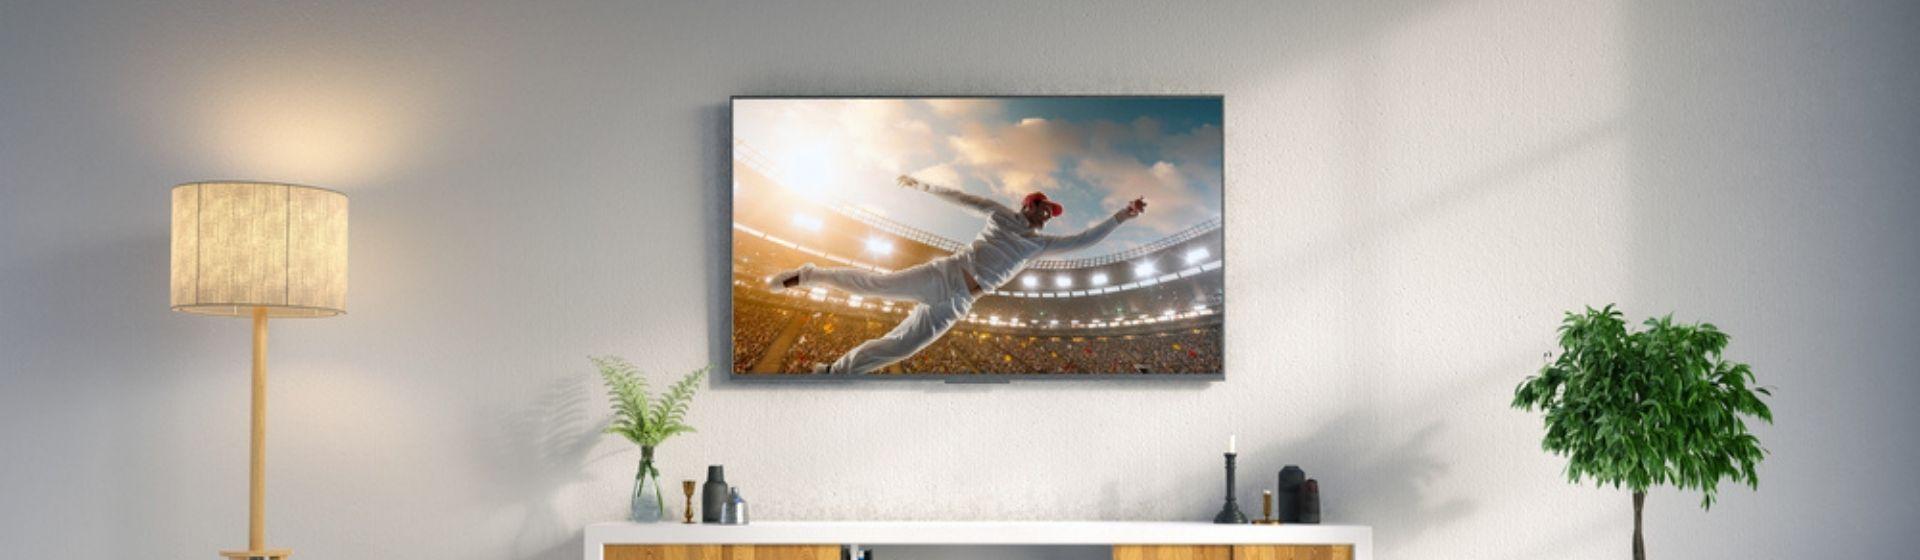 TV Samsung Crystal TU7020: vale a pena comprar essa smart TV 4K em 2021?